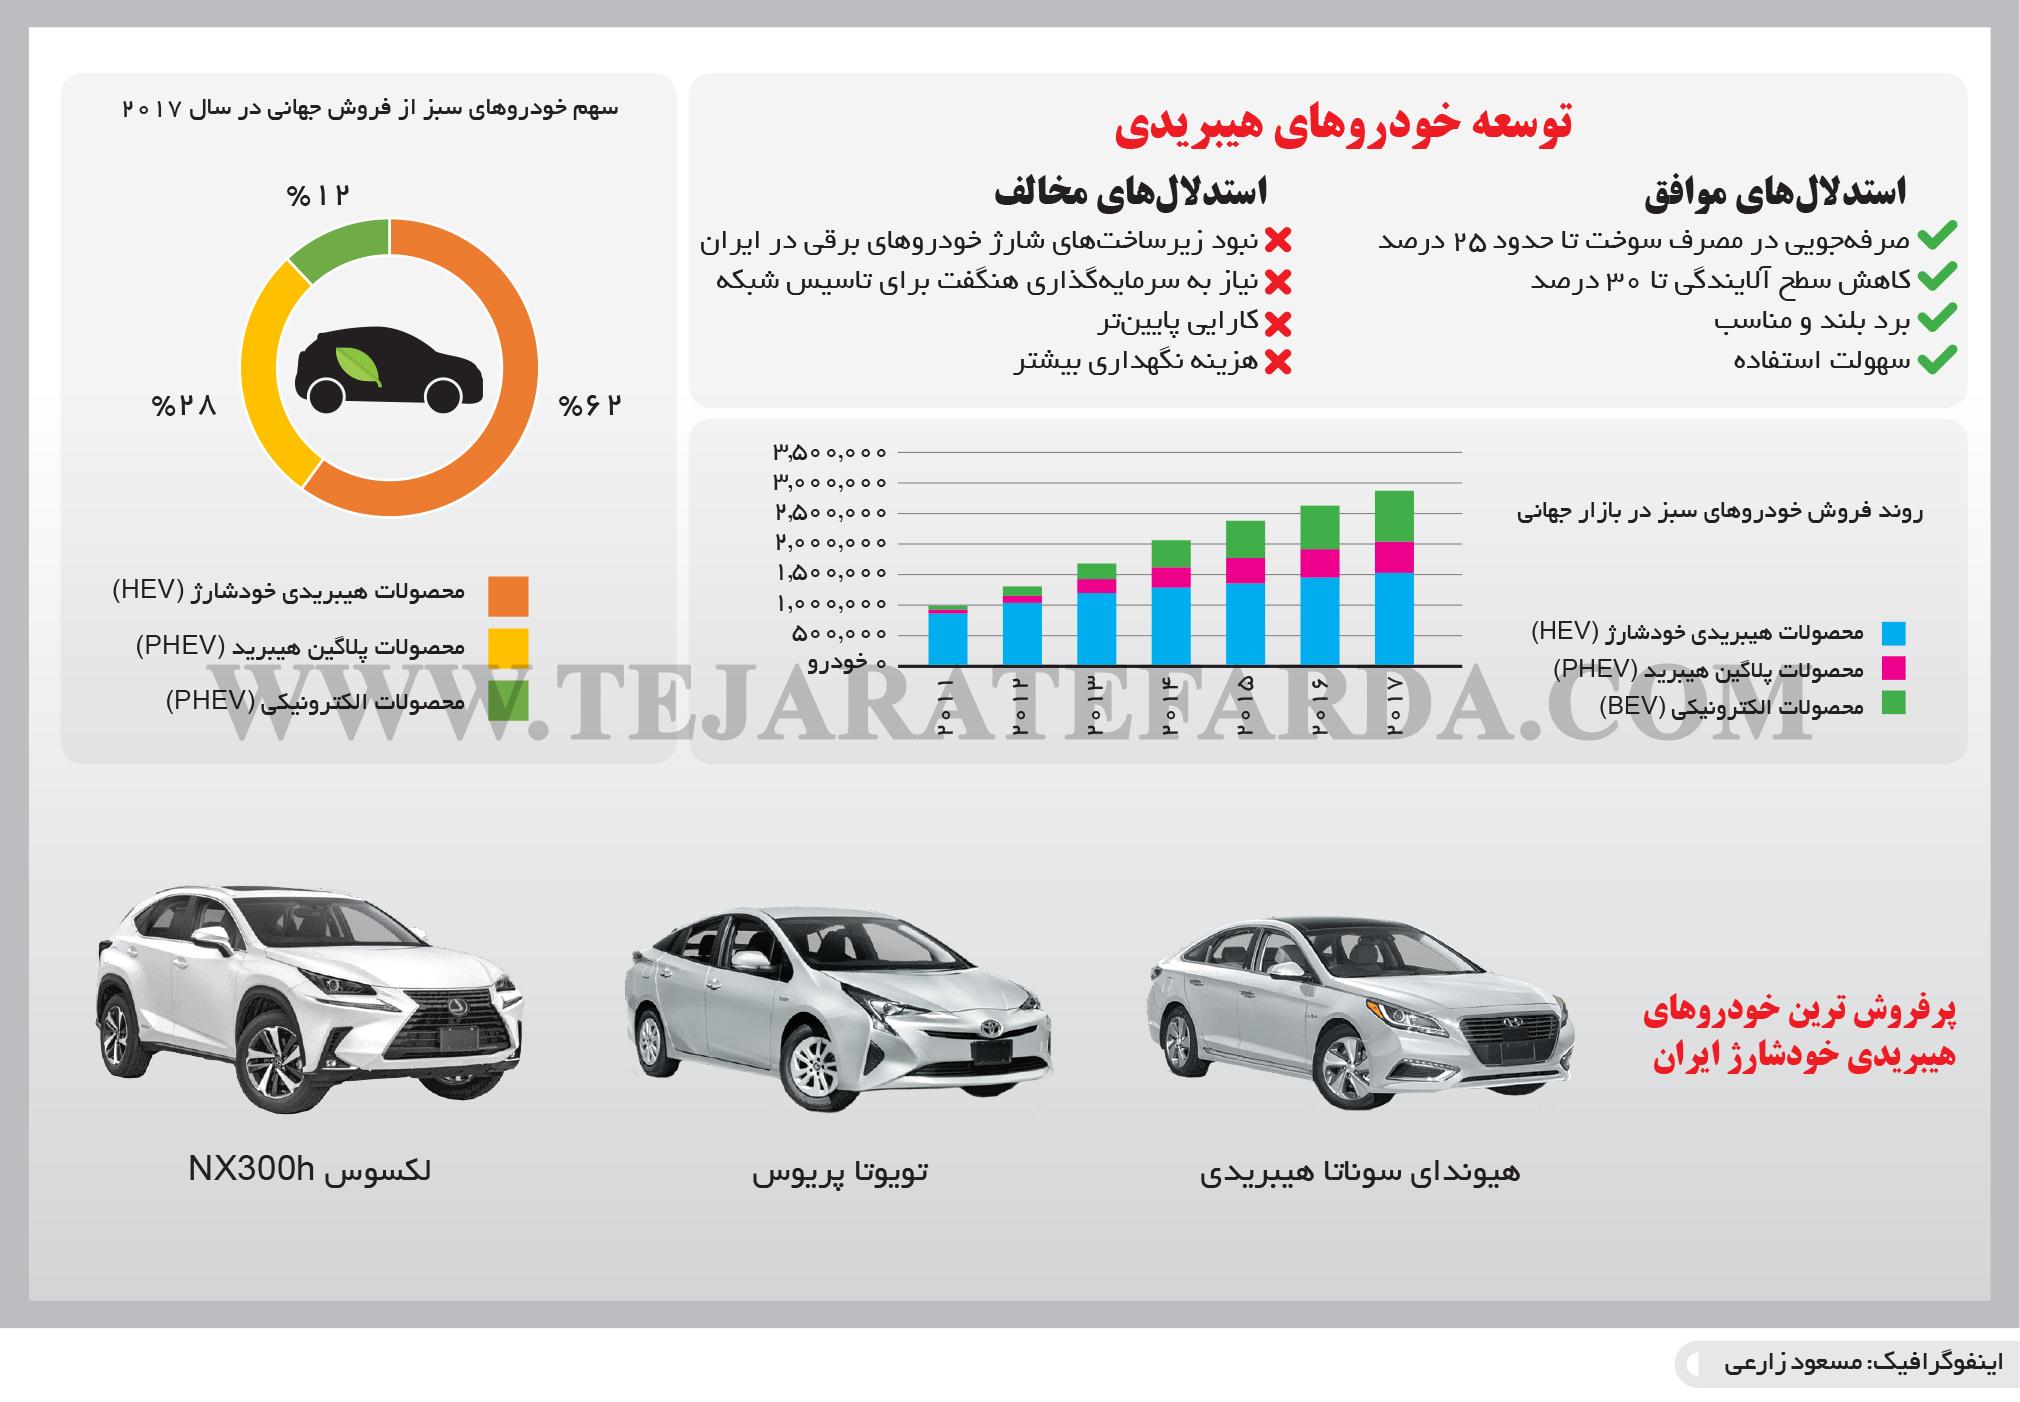 تجارت- فردا- توسعه خودروهای هیبریدی(اینفوگرافیک)